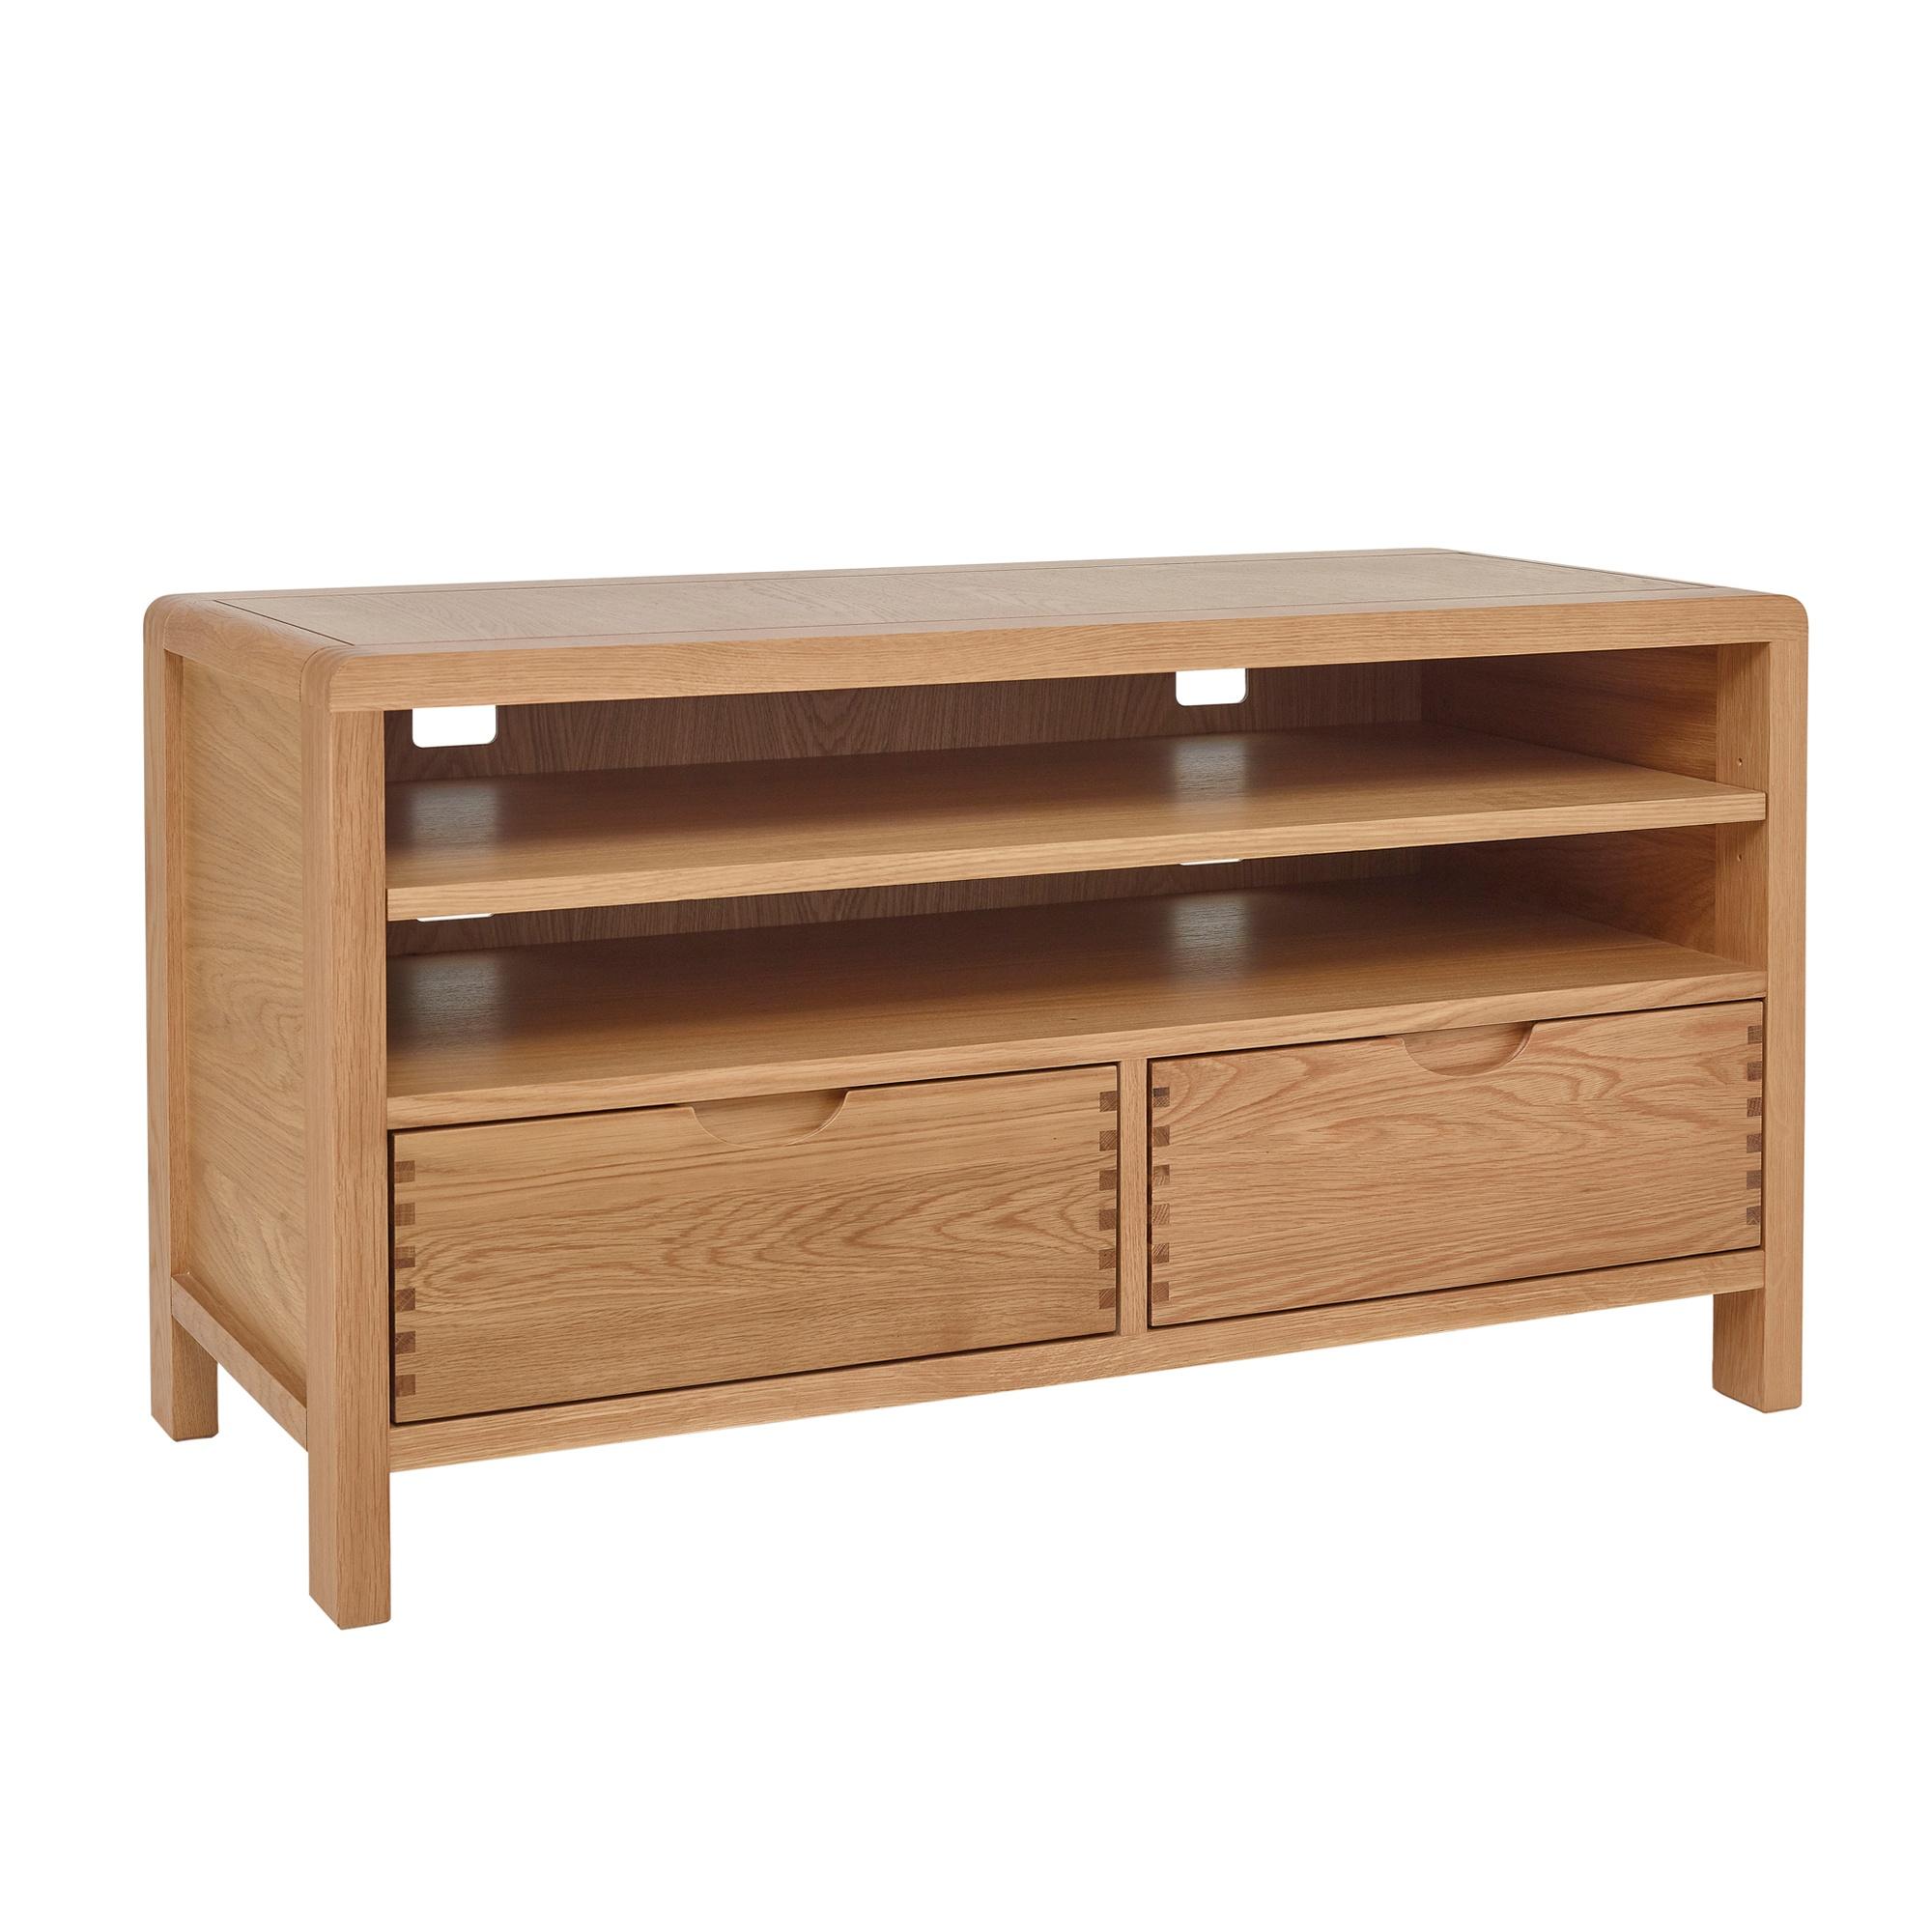 Bedroom Recliner Chairs Bedroom Furniture Floor Plan Cream Carpet Bedroom Bedroom Bench Uk: Ercol Bosco Dining TV Cabinet